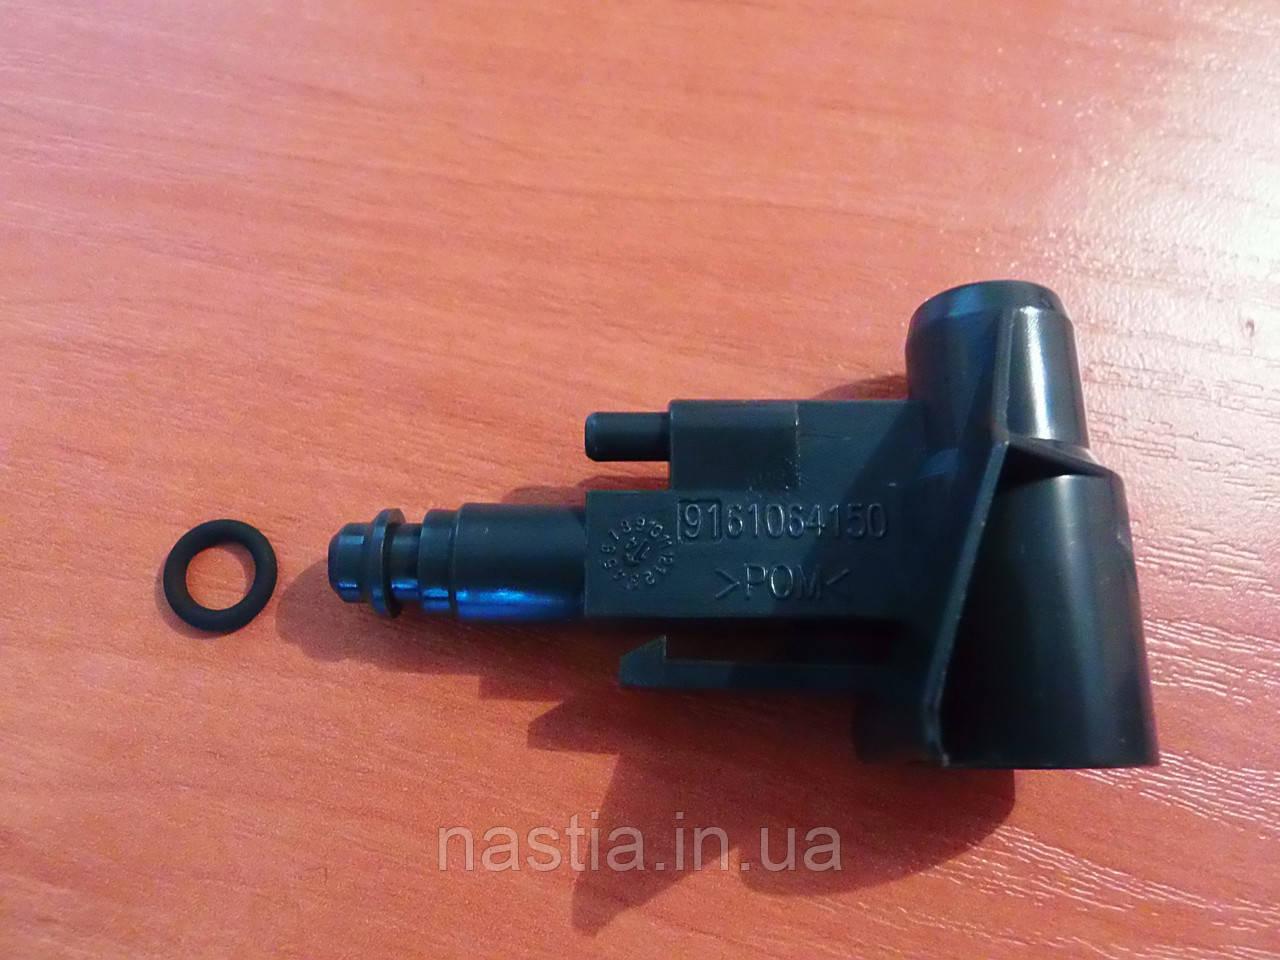 NM02.007 (NM01.004) Гумовий ущільнювач(на нижній носик робочої групи, чорні), OR 2025